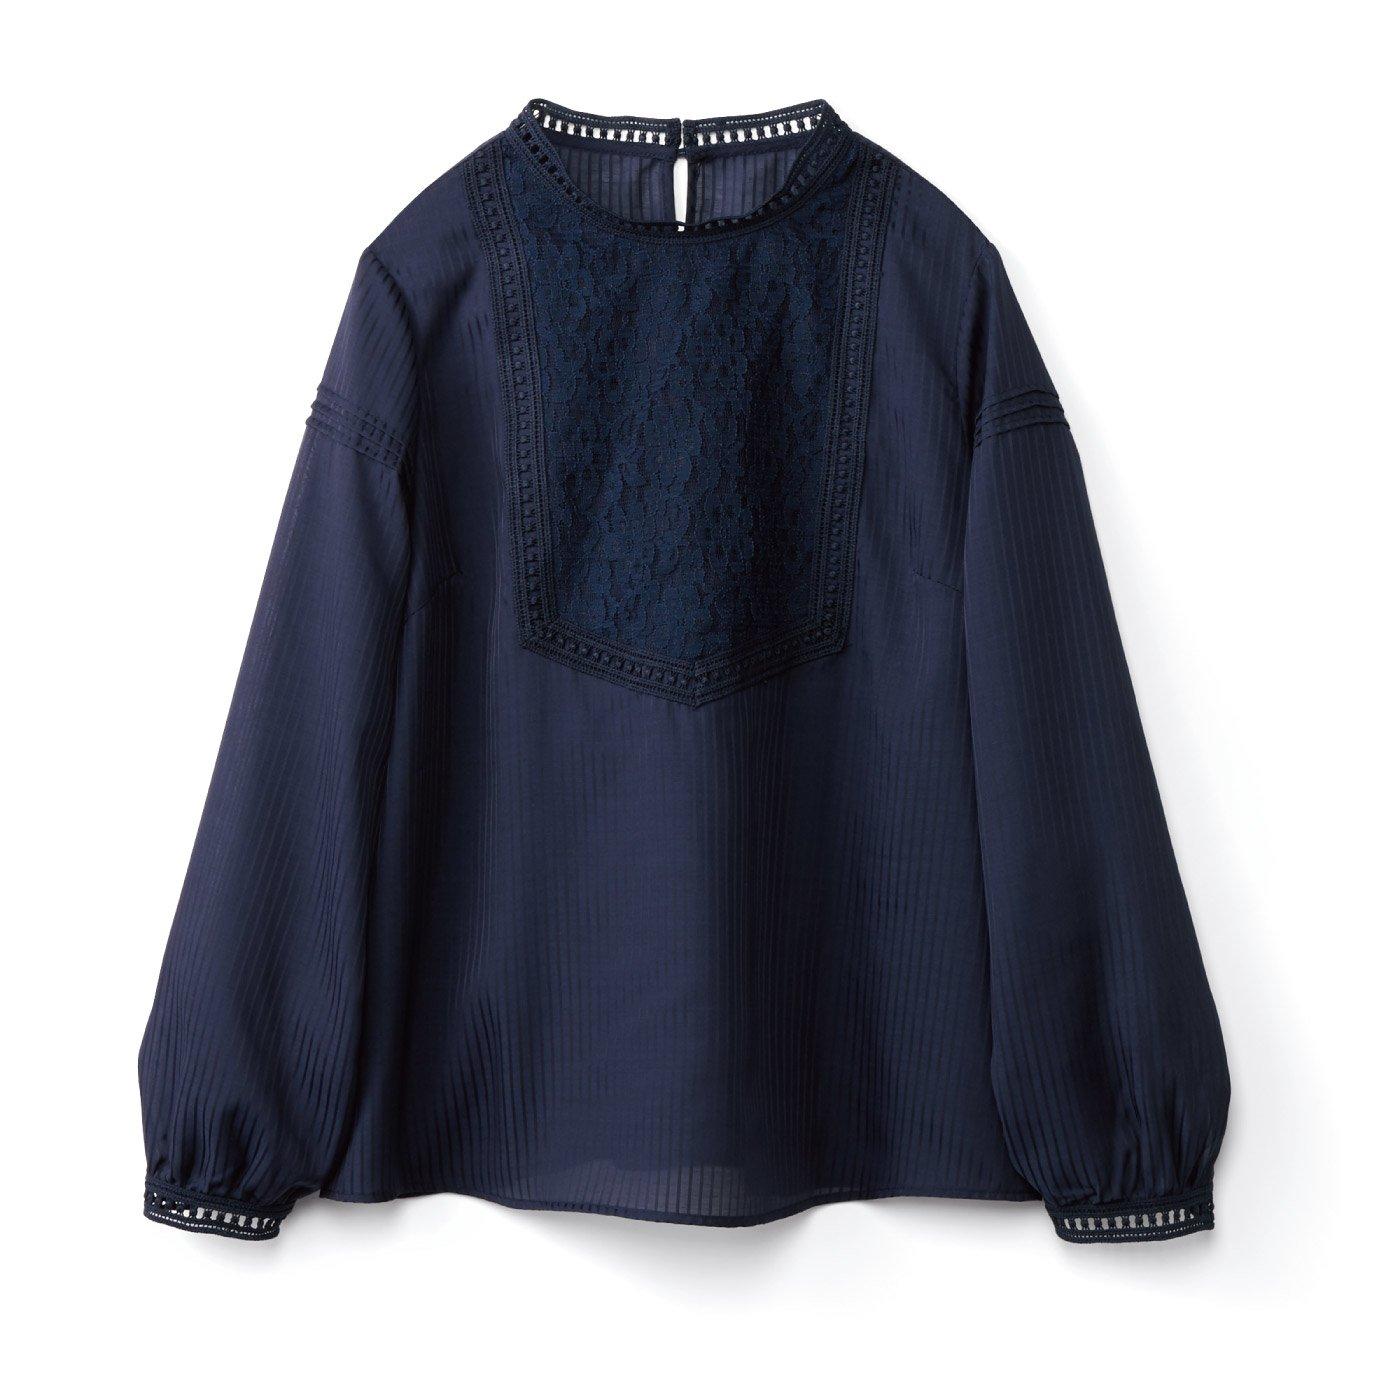 IEDIT[イディット] ストライプの織り柄素材のアンティーク風レース遣いブラウス〈ネイビー〉